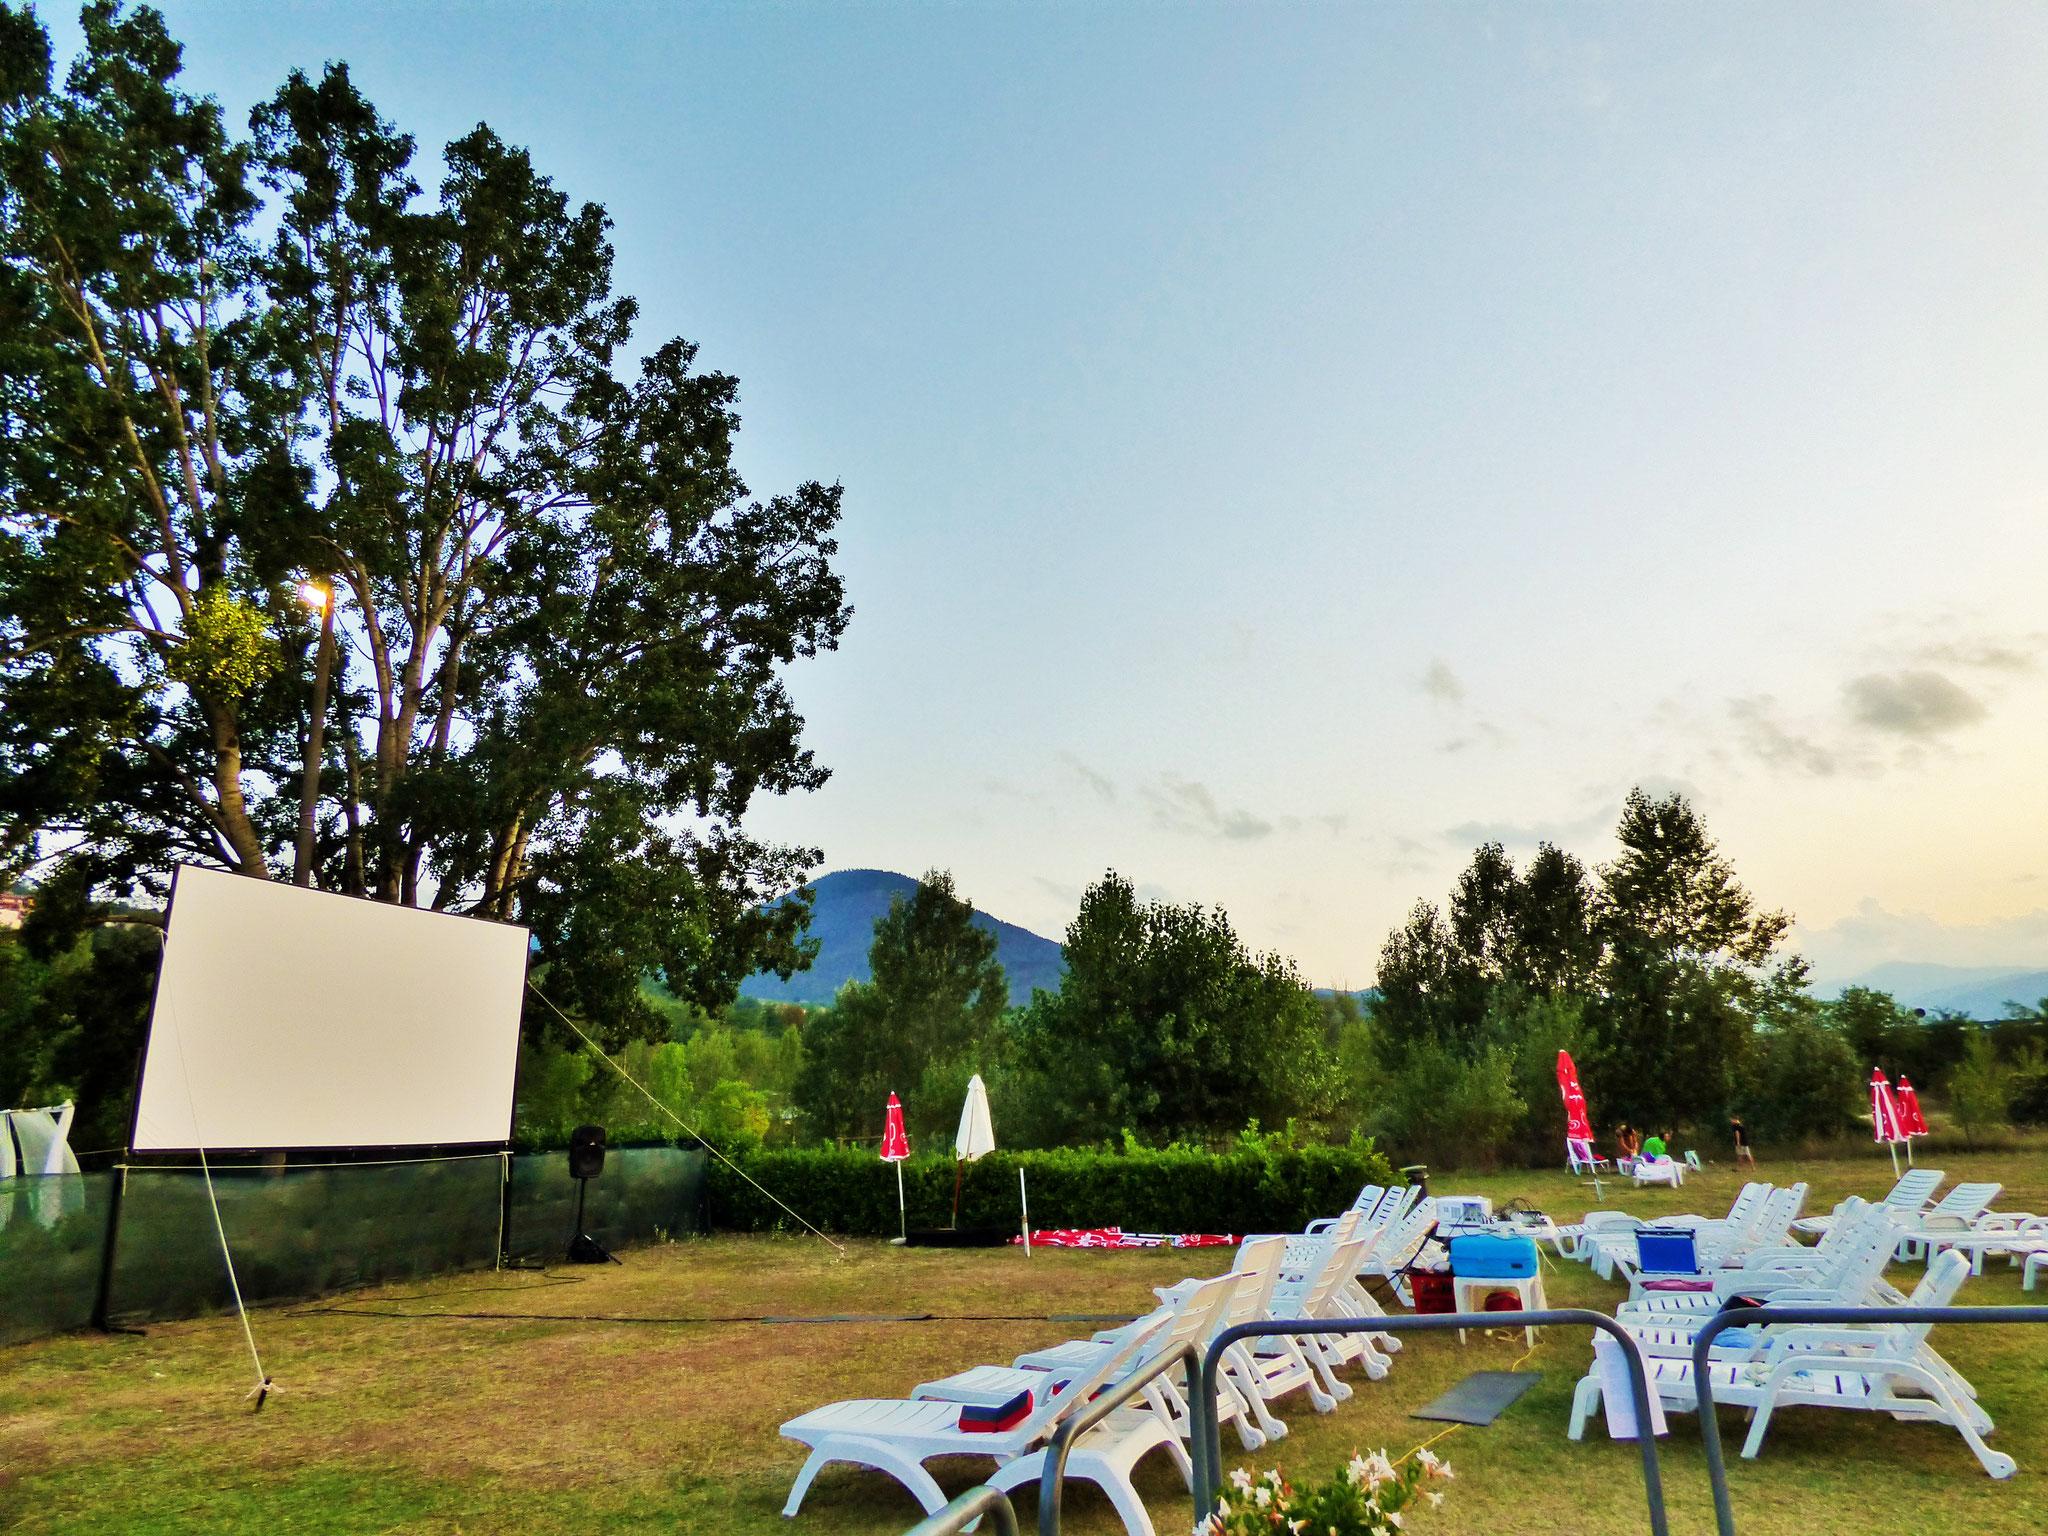 Piscina comunale Perino - Cinema sotto le Stelle 14 agosto 2020